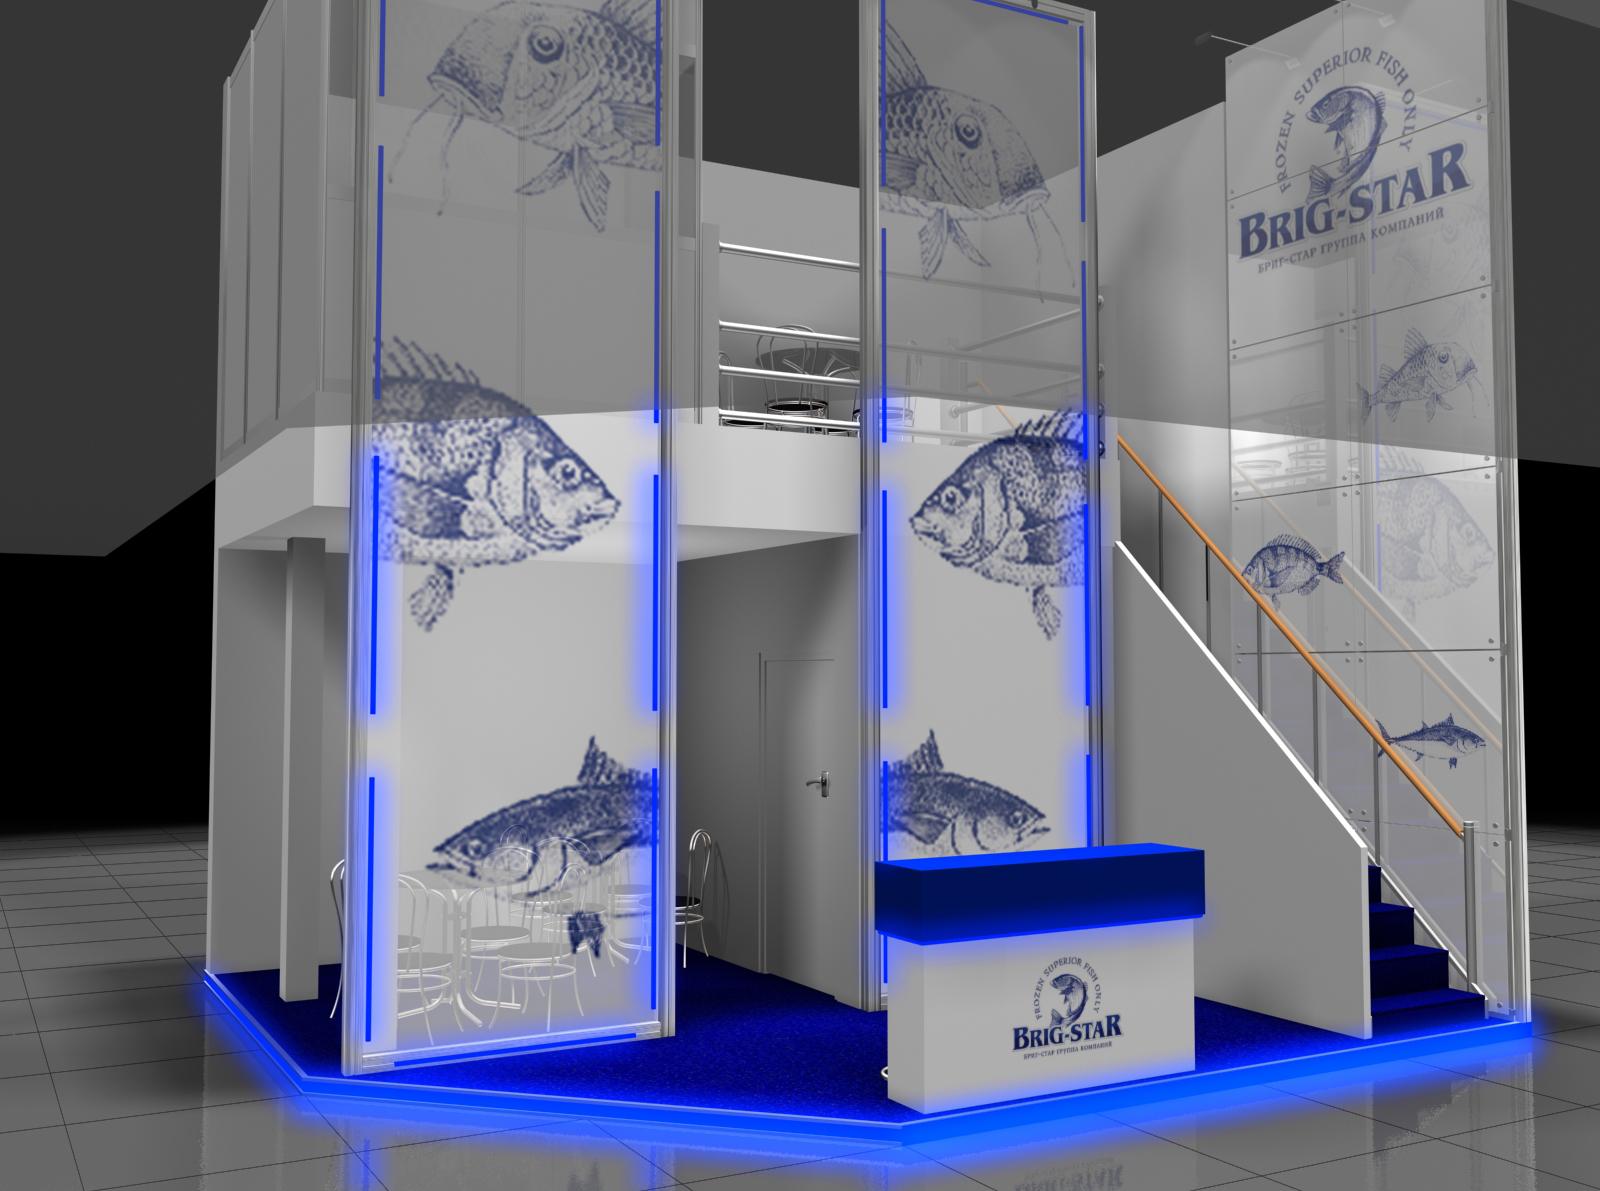 Дизайн проект выставочного стенда для группы компаний Бриг-Стар (Brig-star).